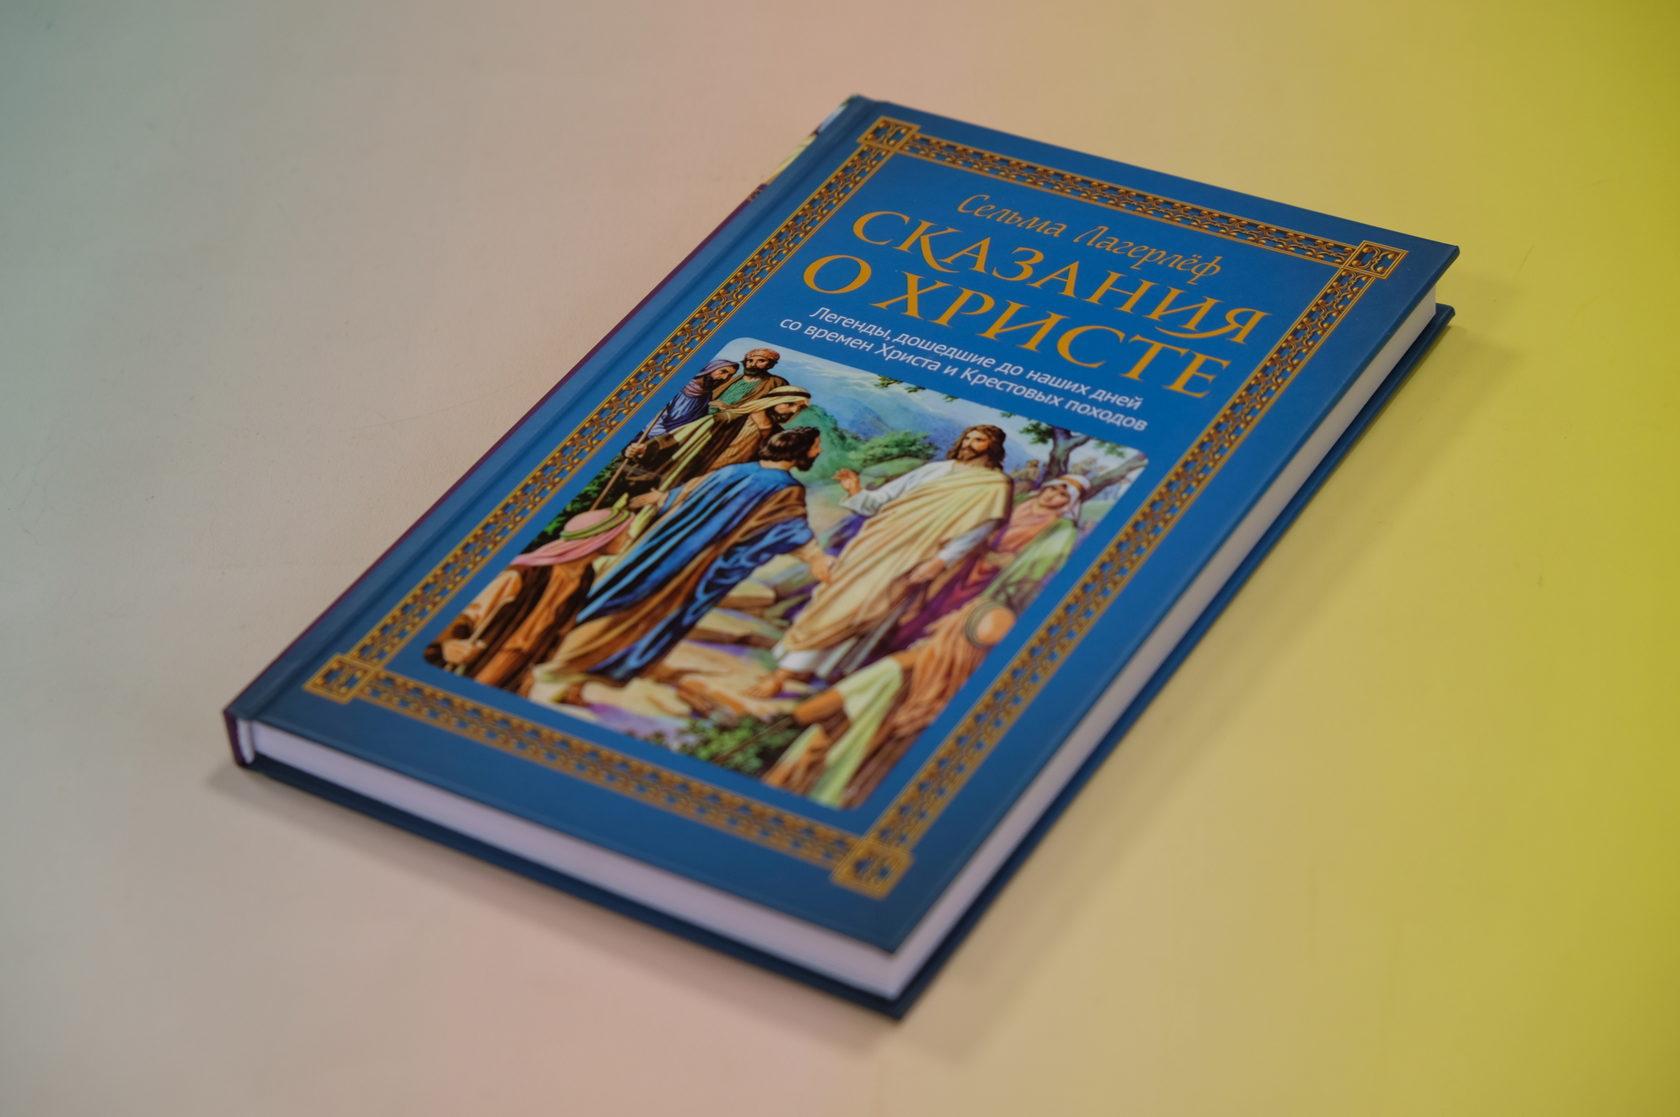 Купить книгу Сельма Лагерлёф «Сказания о Христе» 978-5-386-12500-4